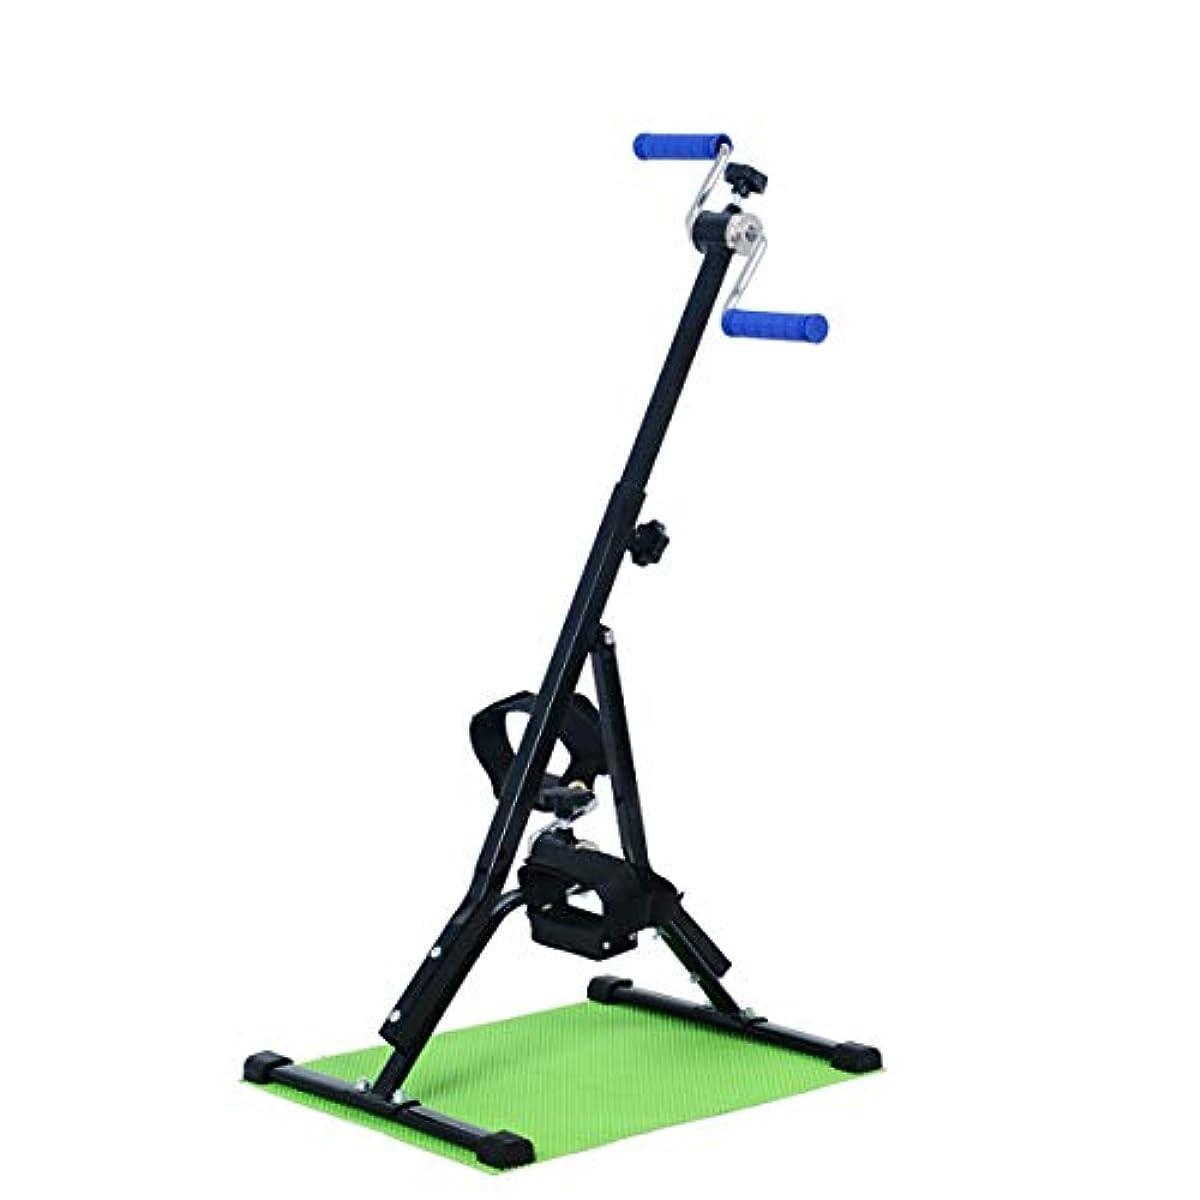 高尚な共産主義者足上下肢トレーニング機器、ホームレッグアームペダルエクササイザー、高齢者リハビリテーションのための脳卒中片麻痺自転車ホーム理学療法フィットネスワークアウト,A